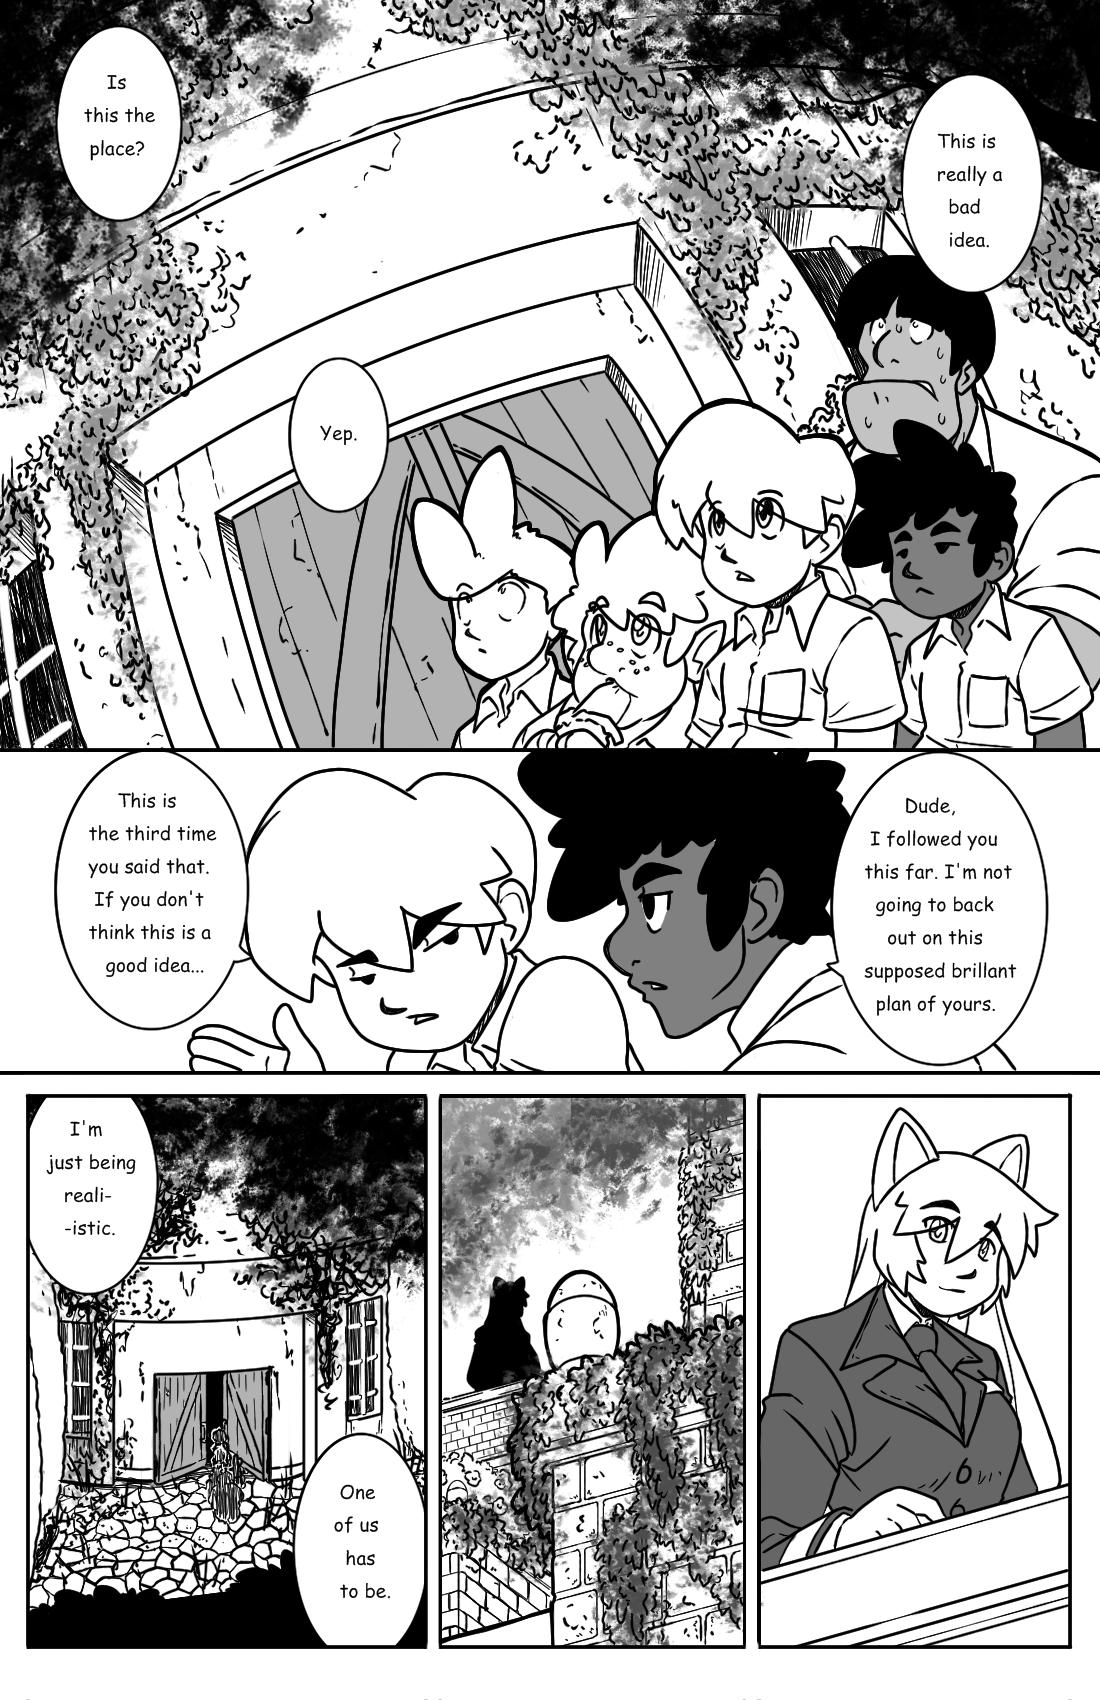 Bully Bully Part 2 pg.2